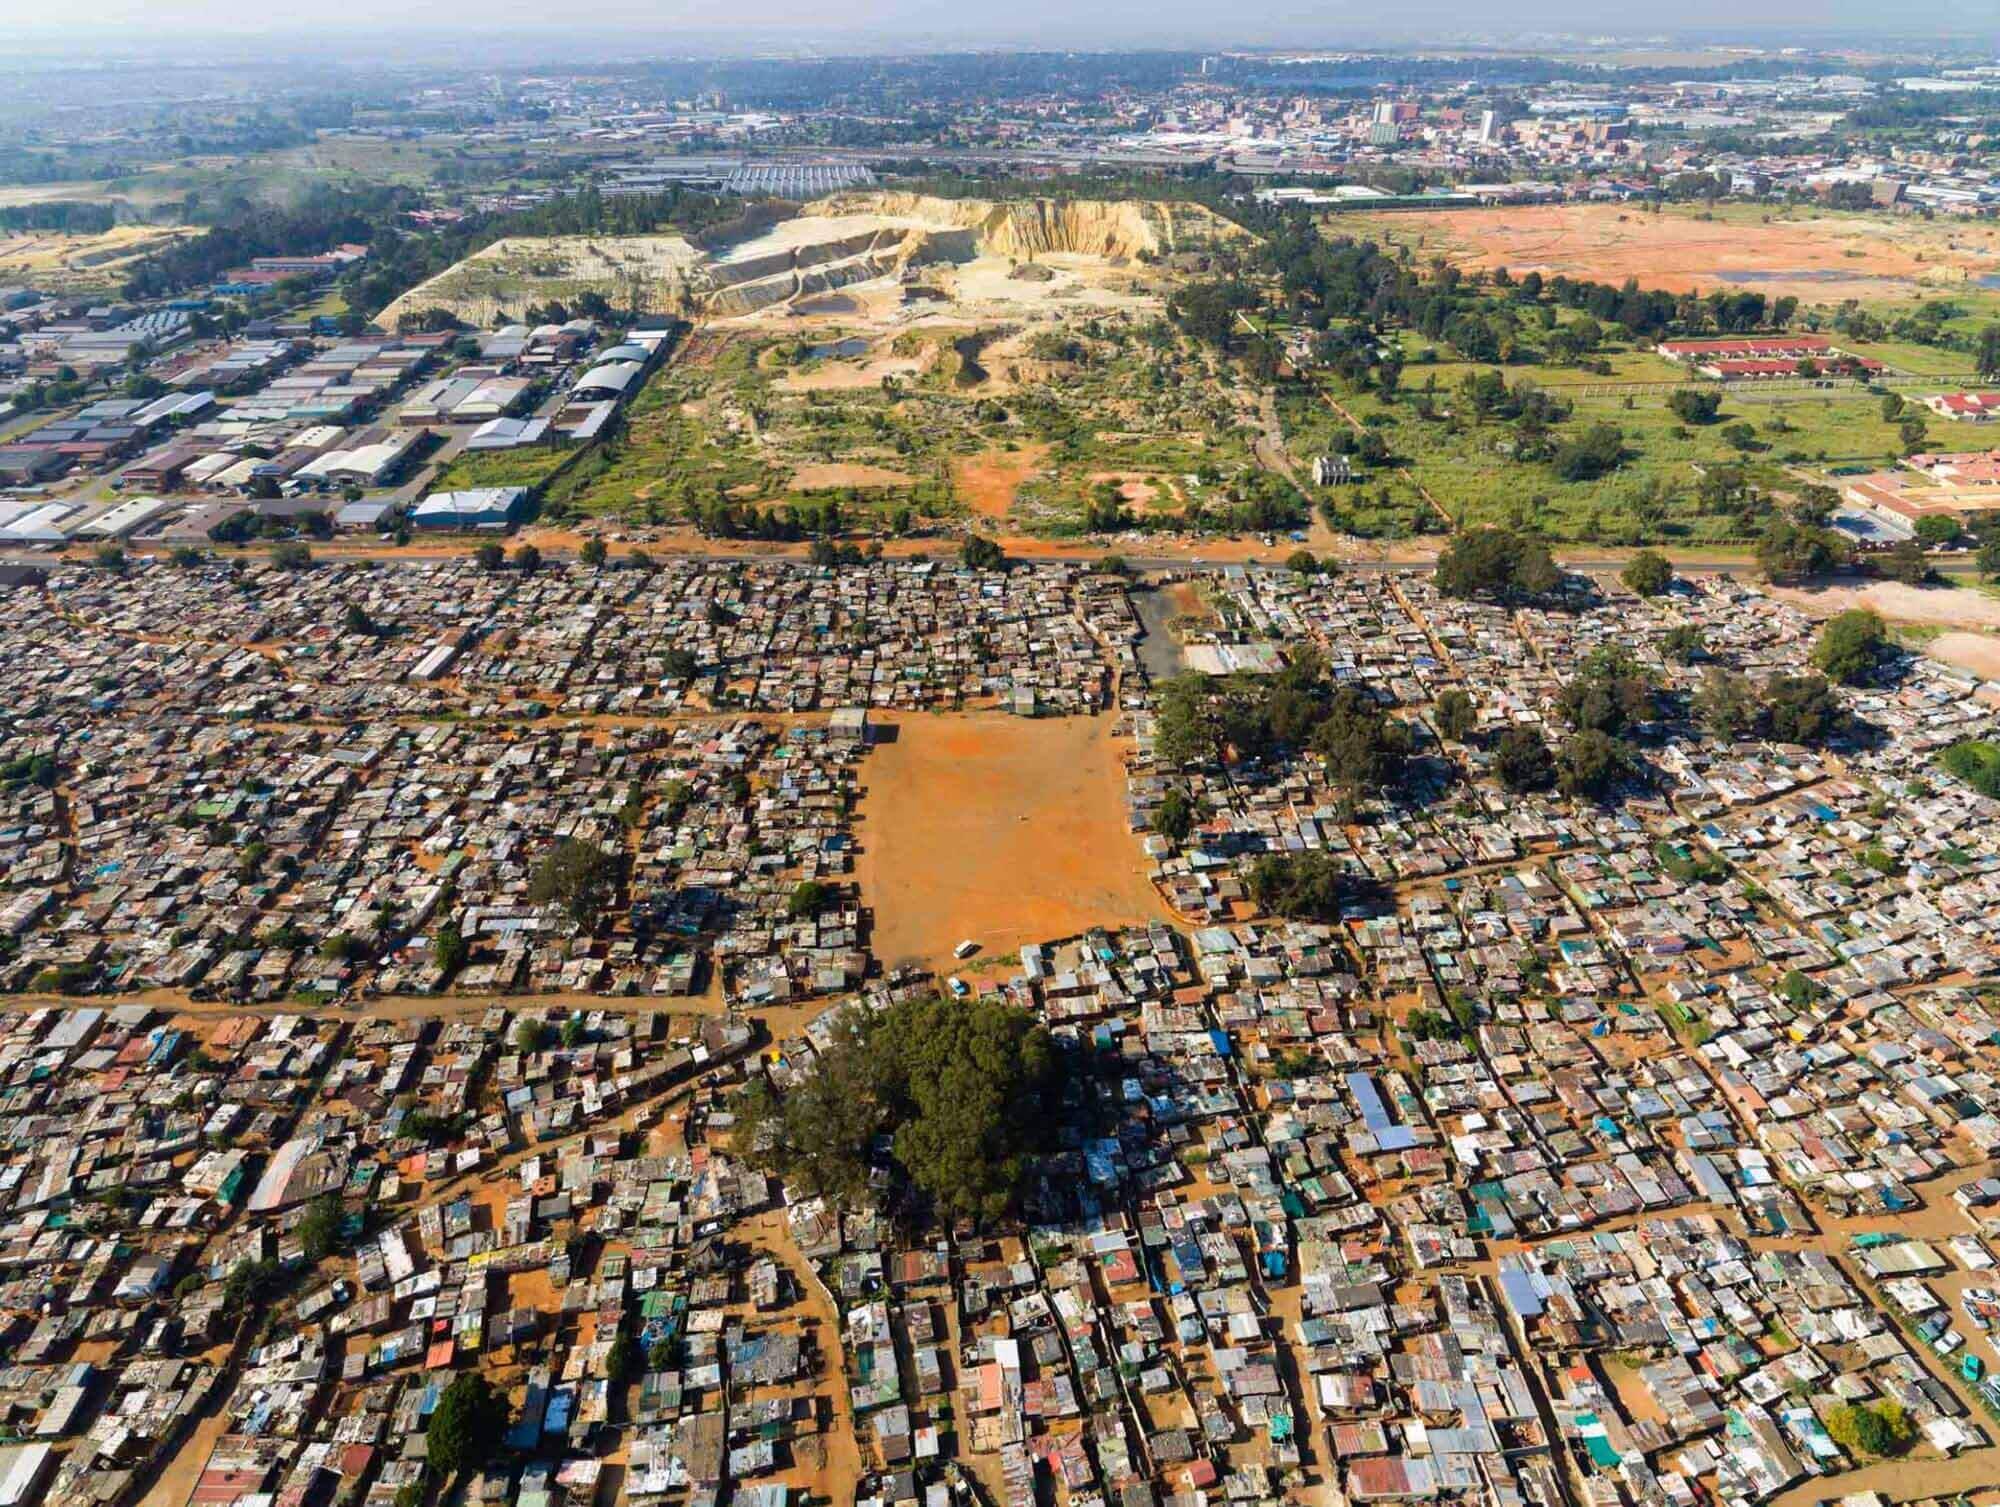 Разрастание городов и города-призраки: влияние горнодобывающей промышленности на города